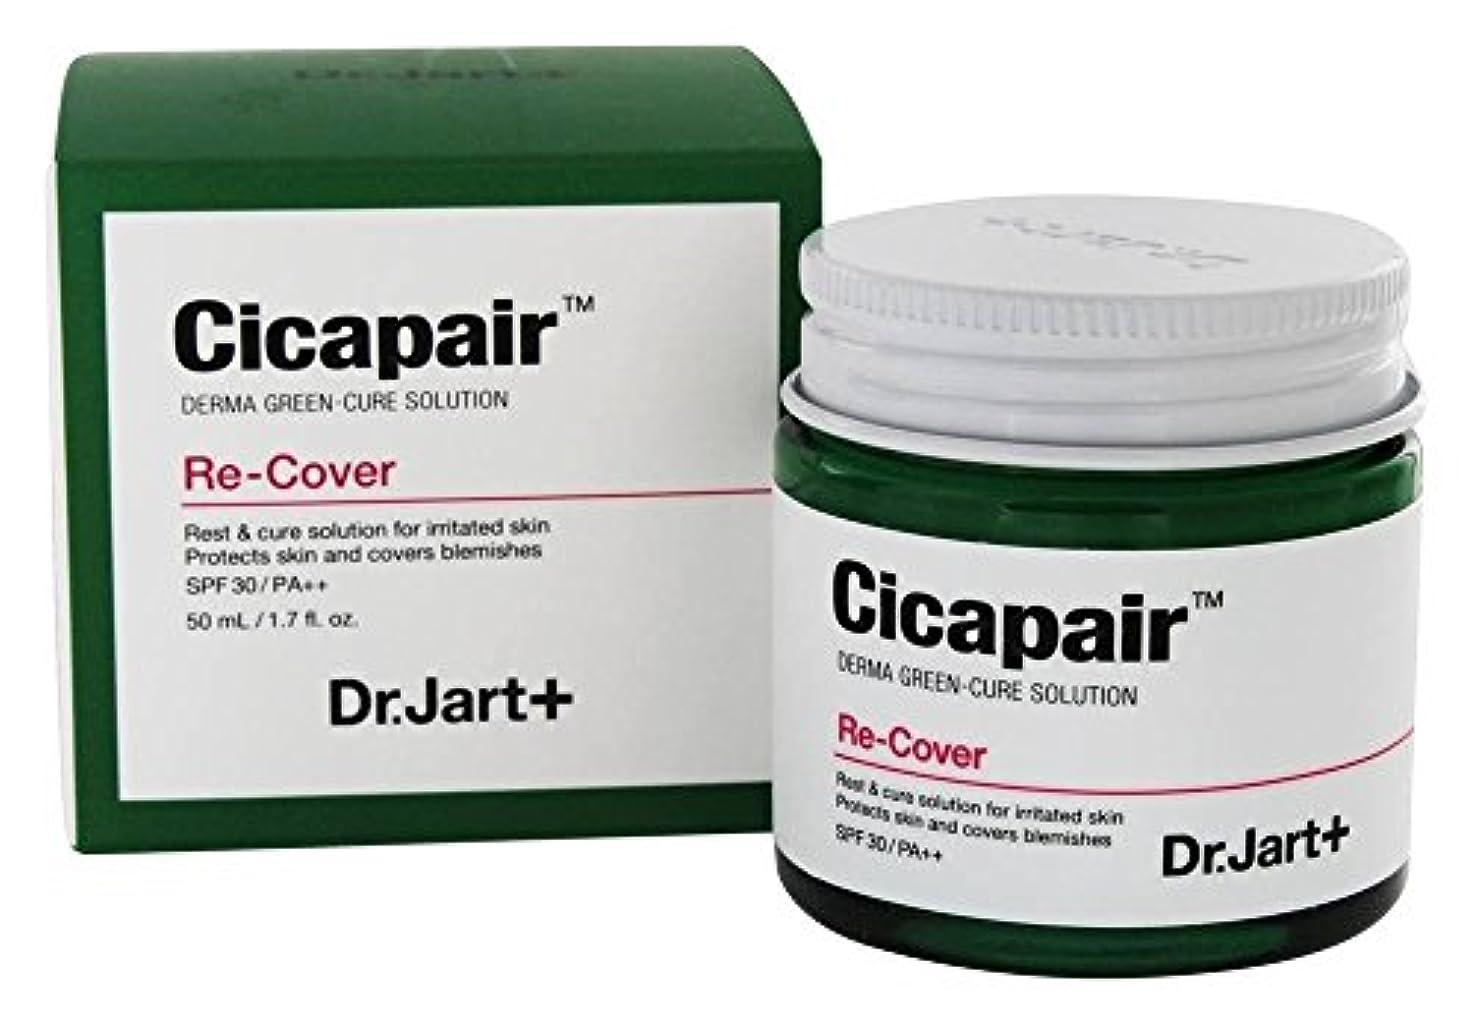 原始的な株式会社肉屋Dr. Jart+ Cicapair Derma Green-Cure Solution Recover Cream 50ml [並行輸入品]